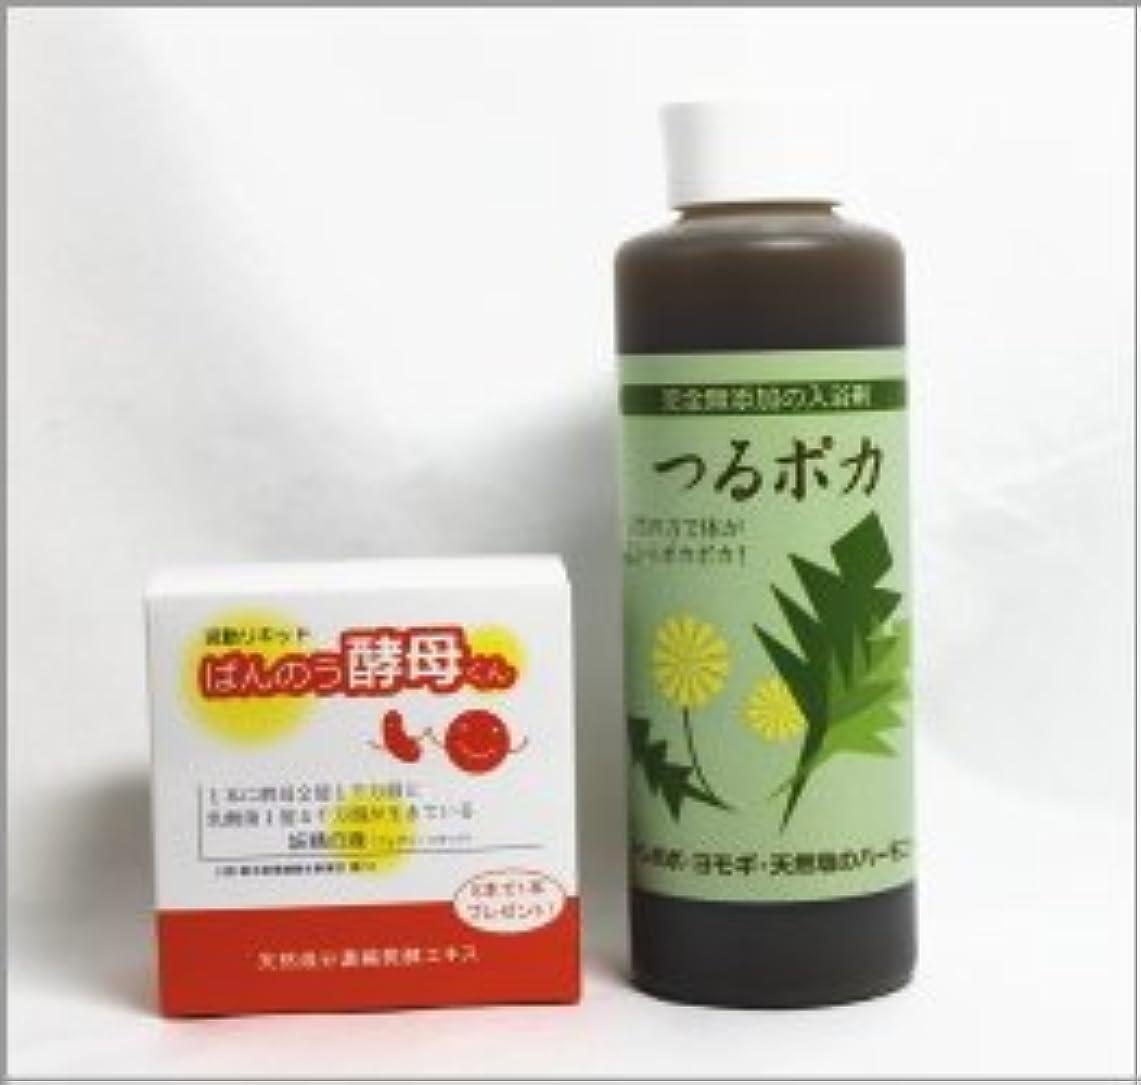 前部インレイ属性アーデンモア ばんのう酵母くん 23ml×5本+1本 + つるポカ(入浴剤)